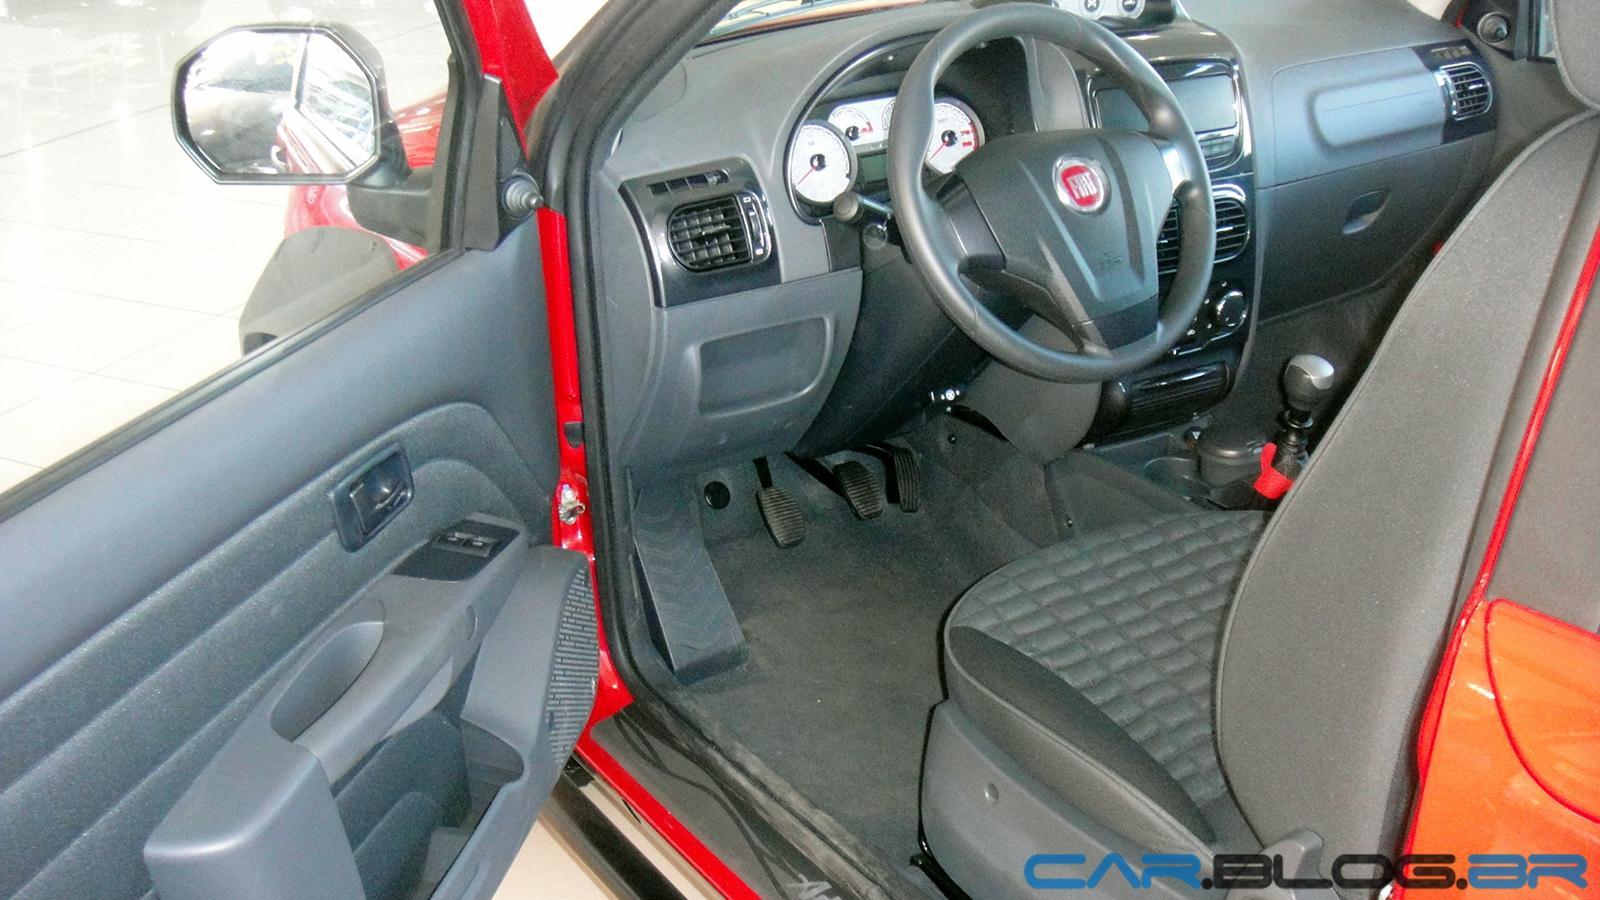 pick-up Fiat Strada recebeu uma reformulação estilística em sua